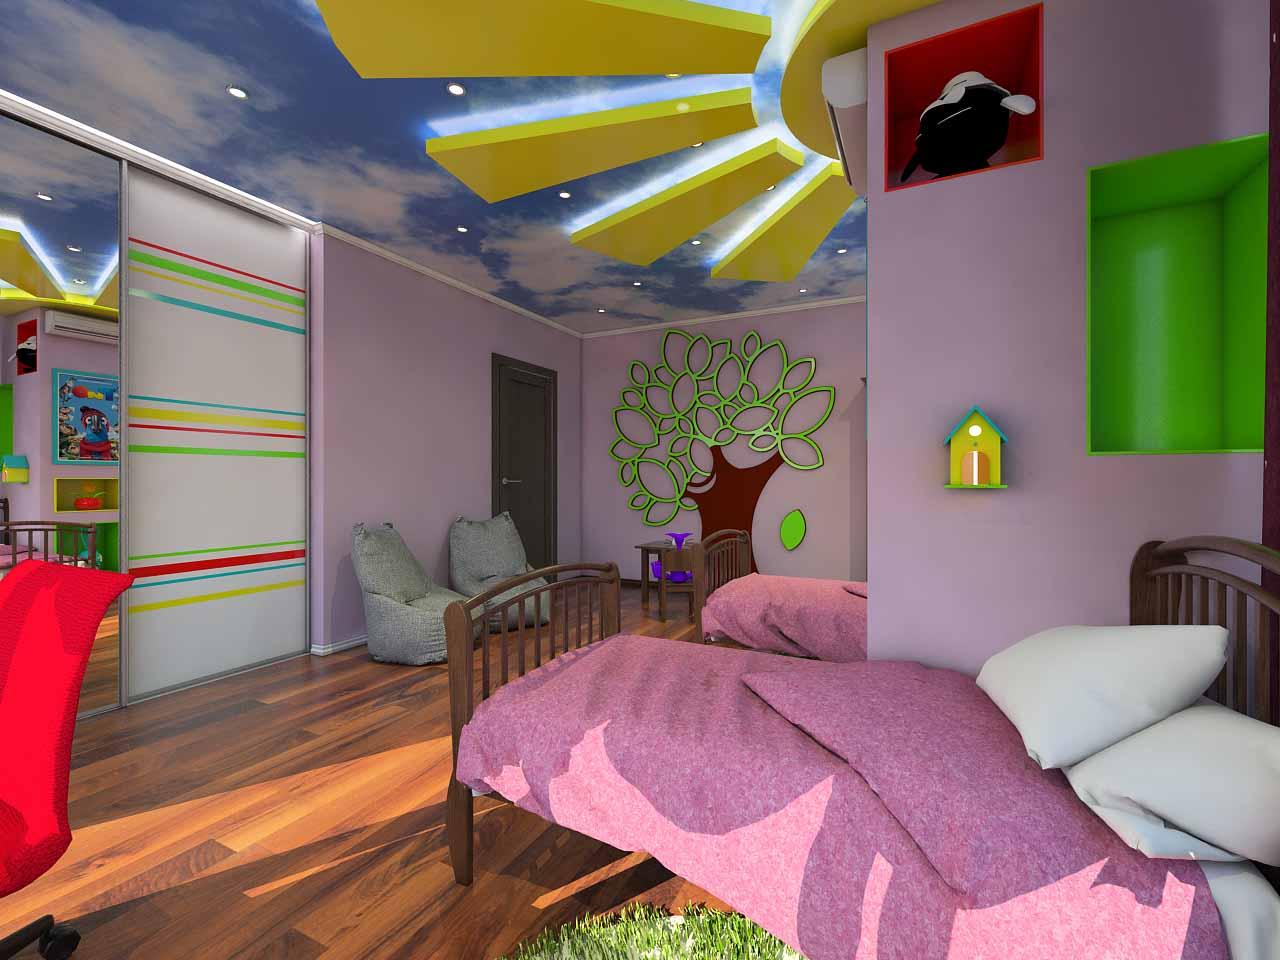 Дизайн детской для девочек в Тюмени ул. Орловская д.52. (3)